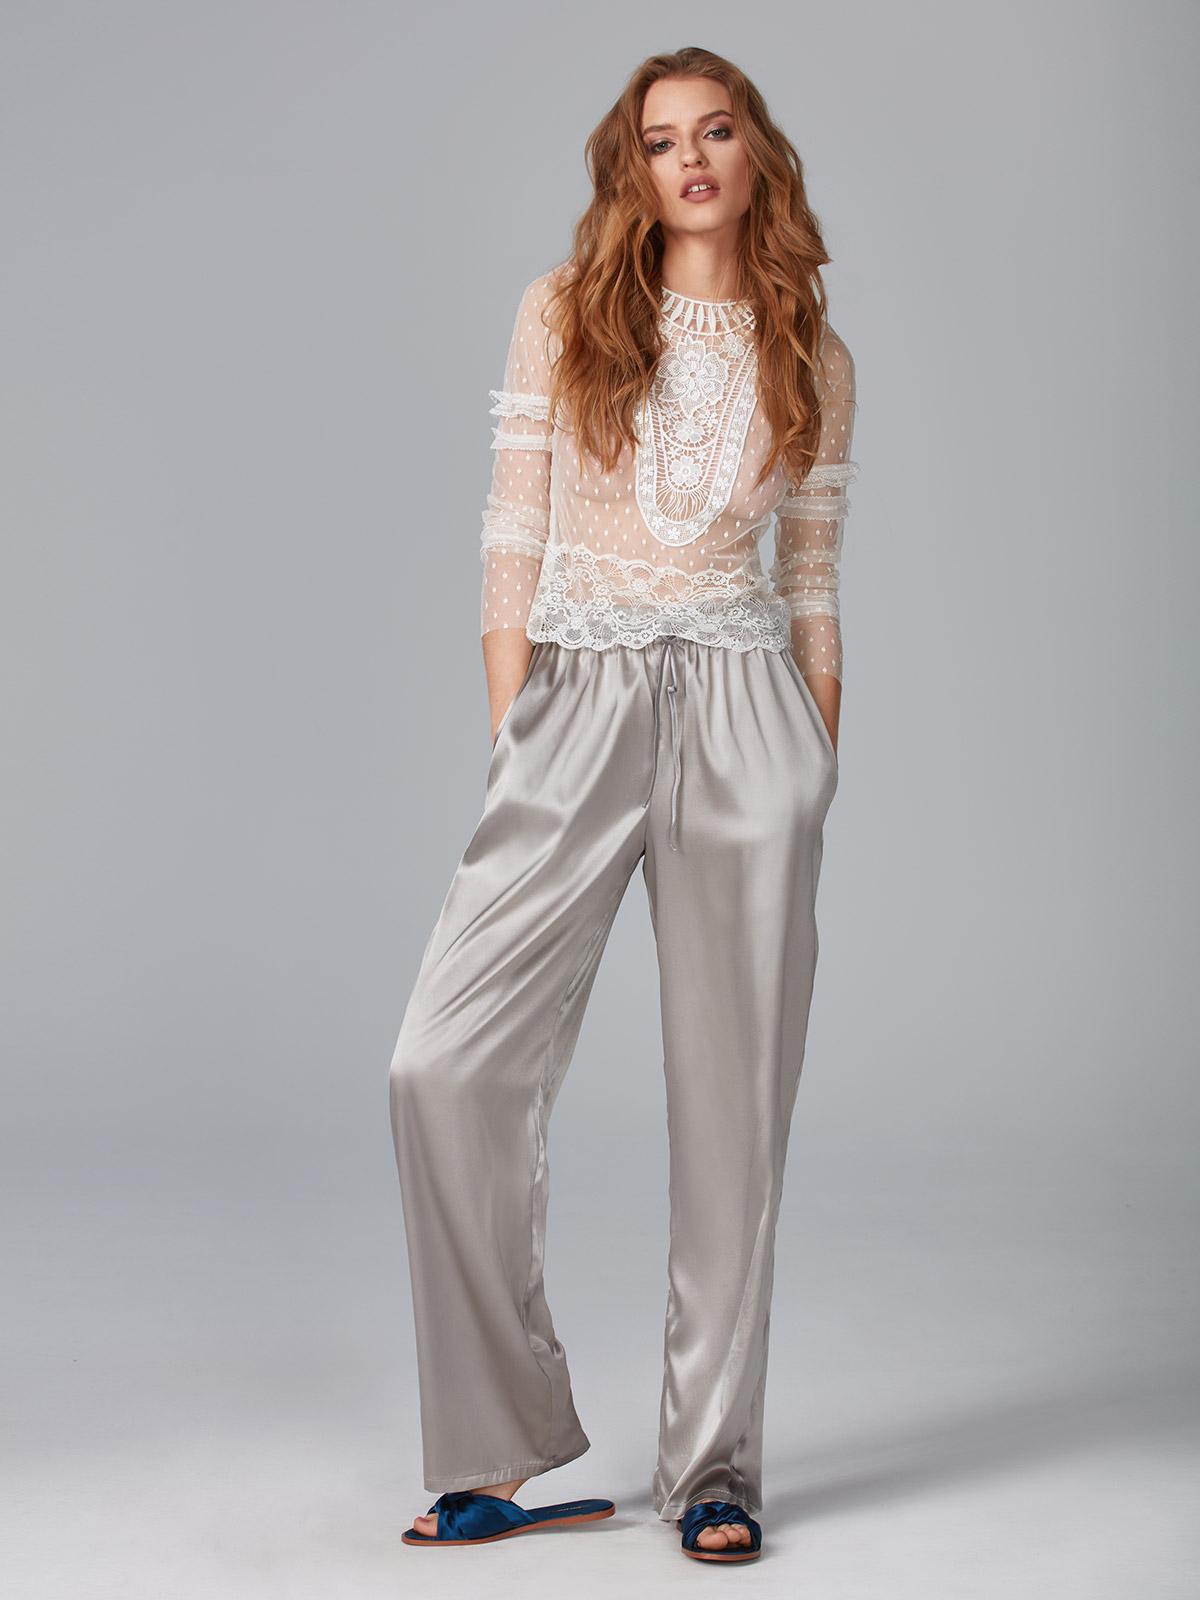 Dolce Vita OZ018 Maglia Ricamo<br />Simplicity OZ019 Pantalone Seta